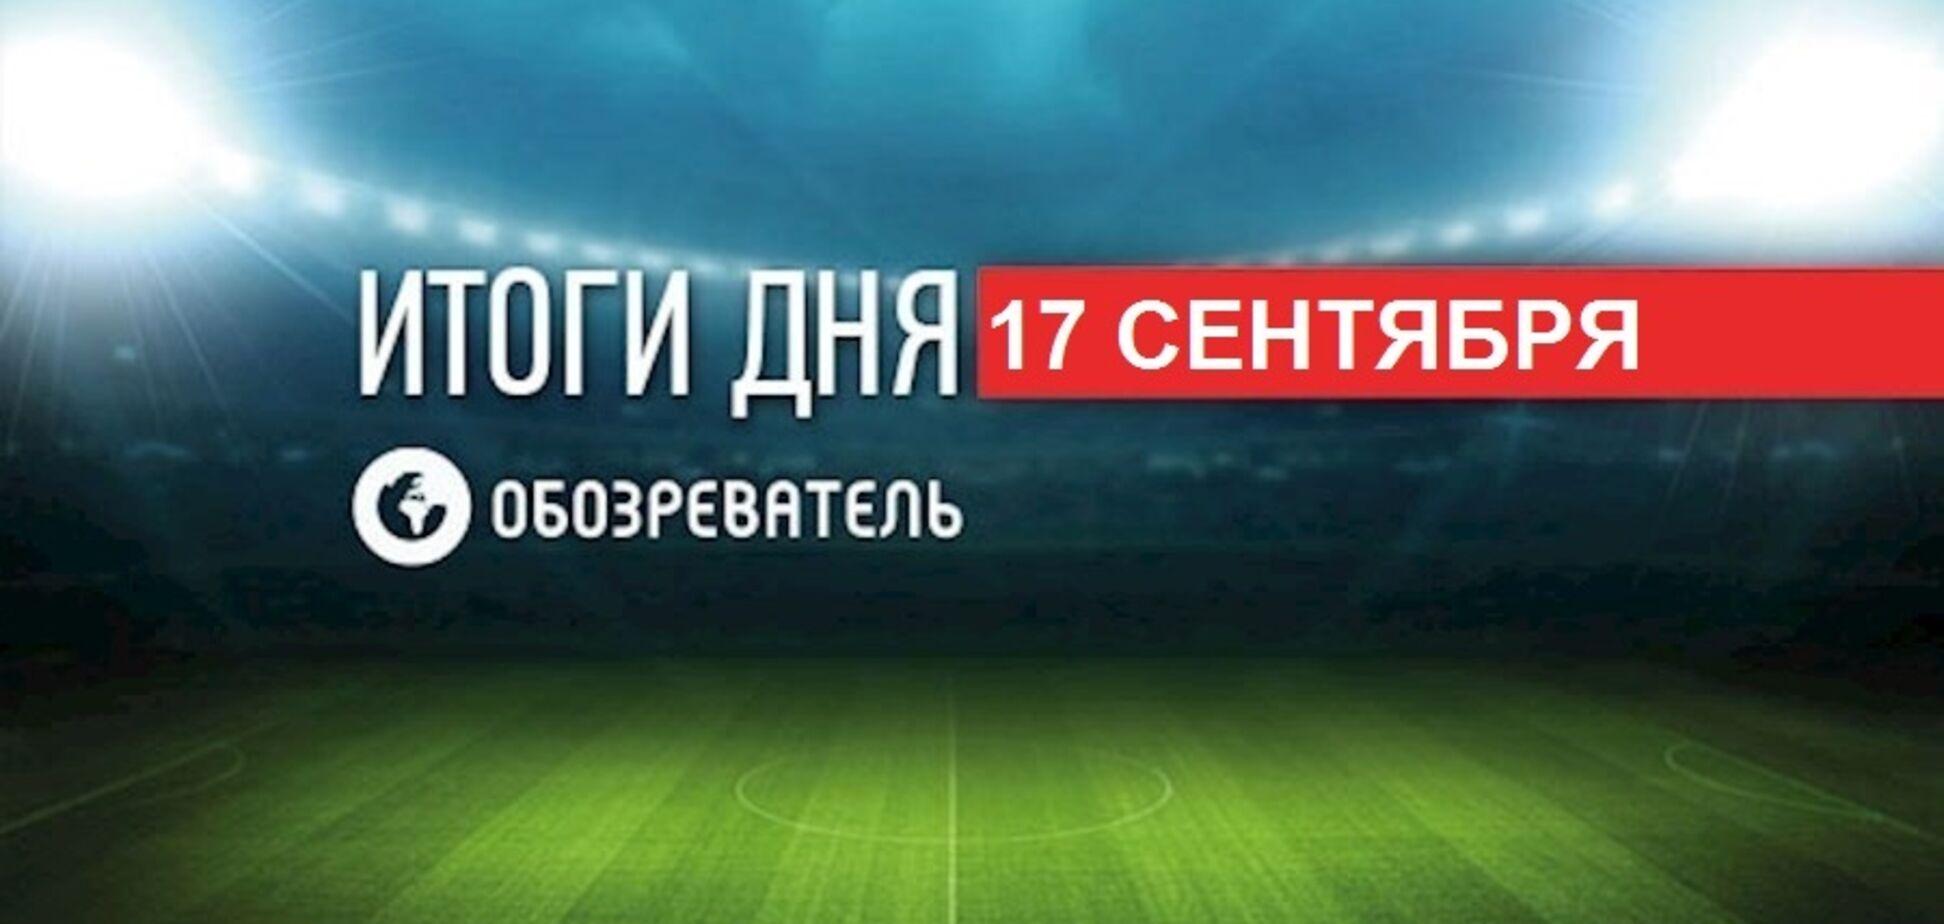 Усик назвал гонорар за бой с Гассиевым: спортивные итоги 17 сентября